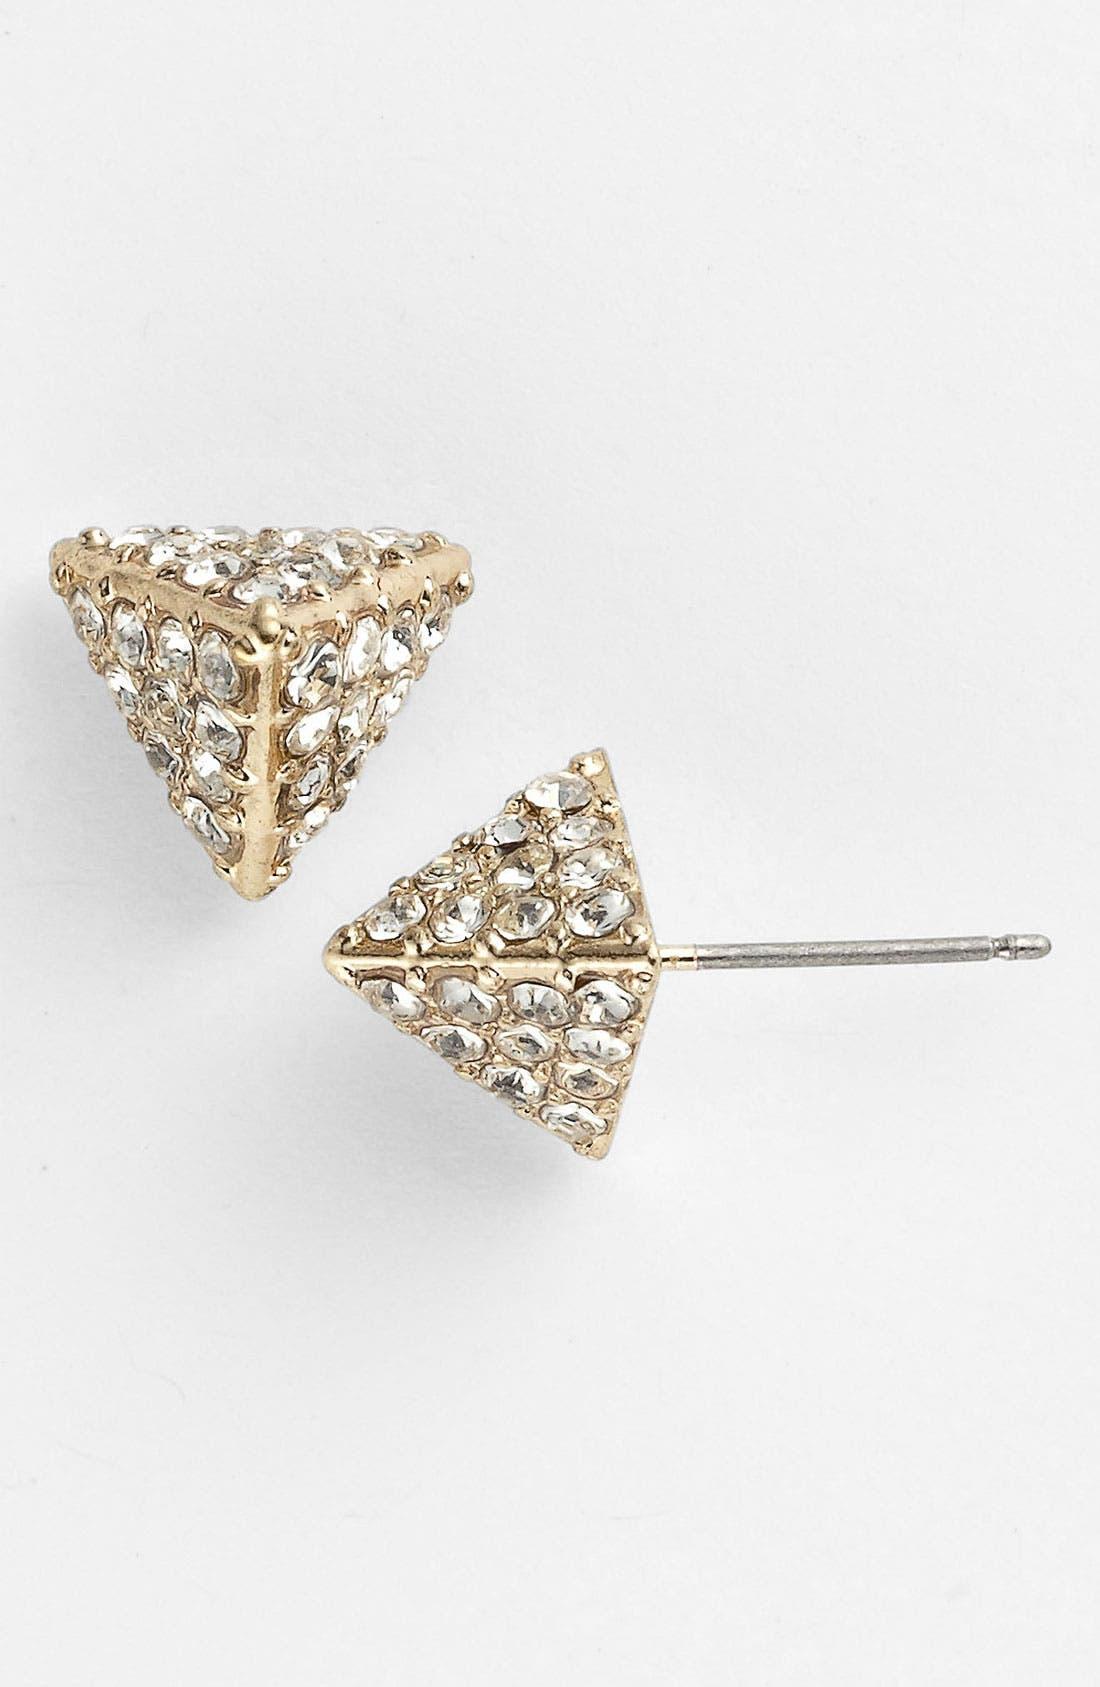 Alternate Image 1 Selected - Carole Rhinestone Pyramid Stud Earrings